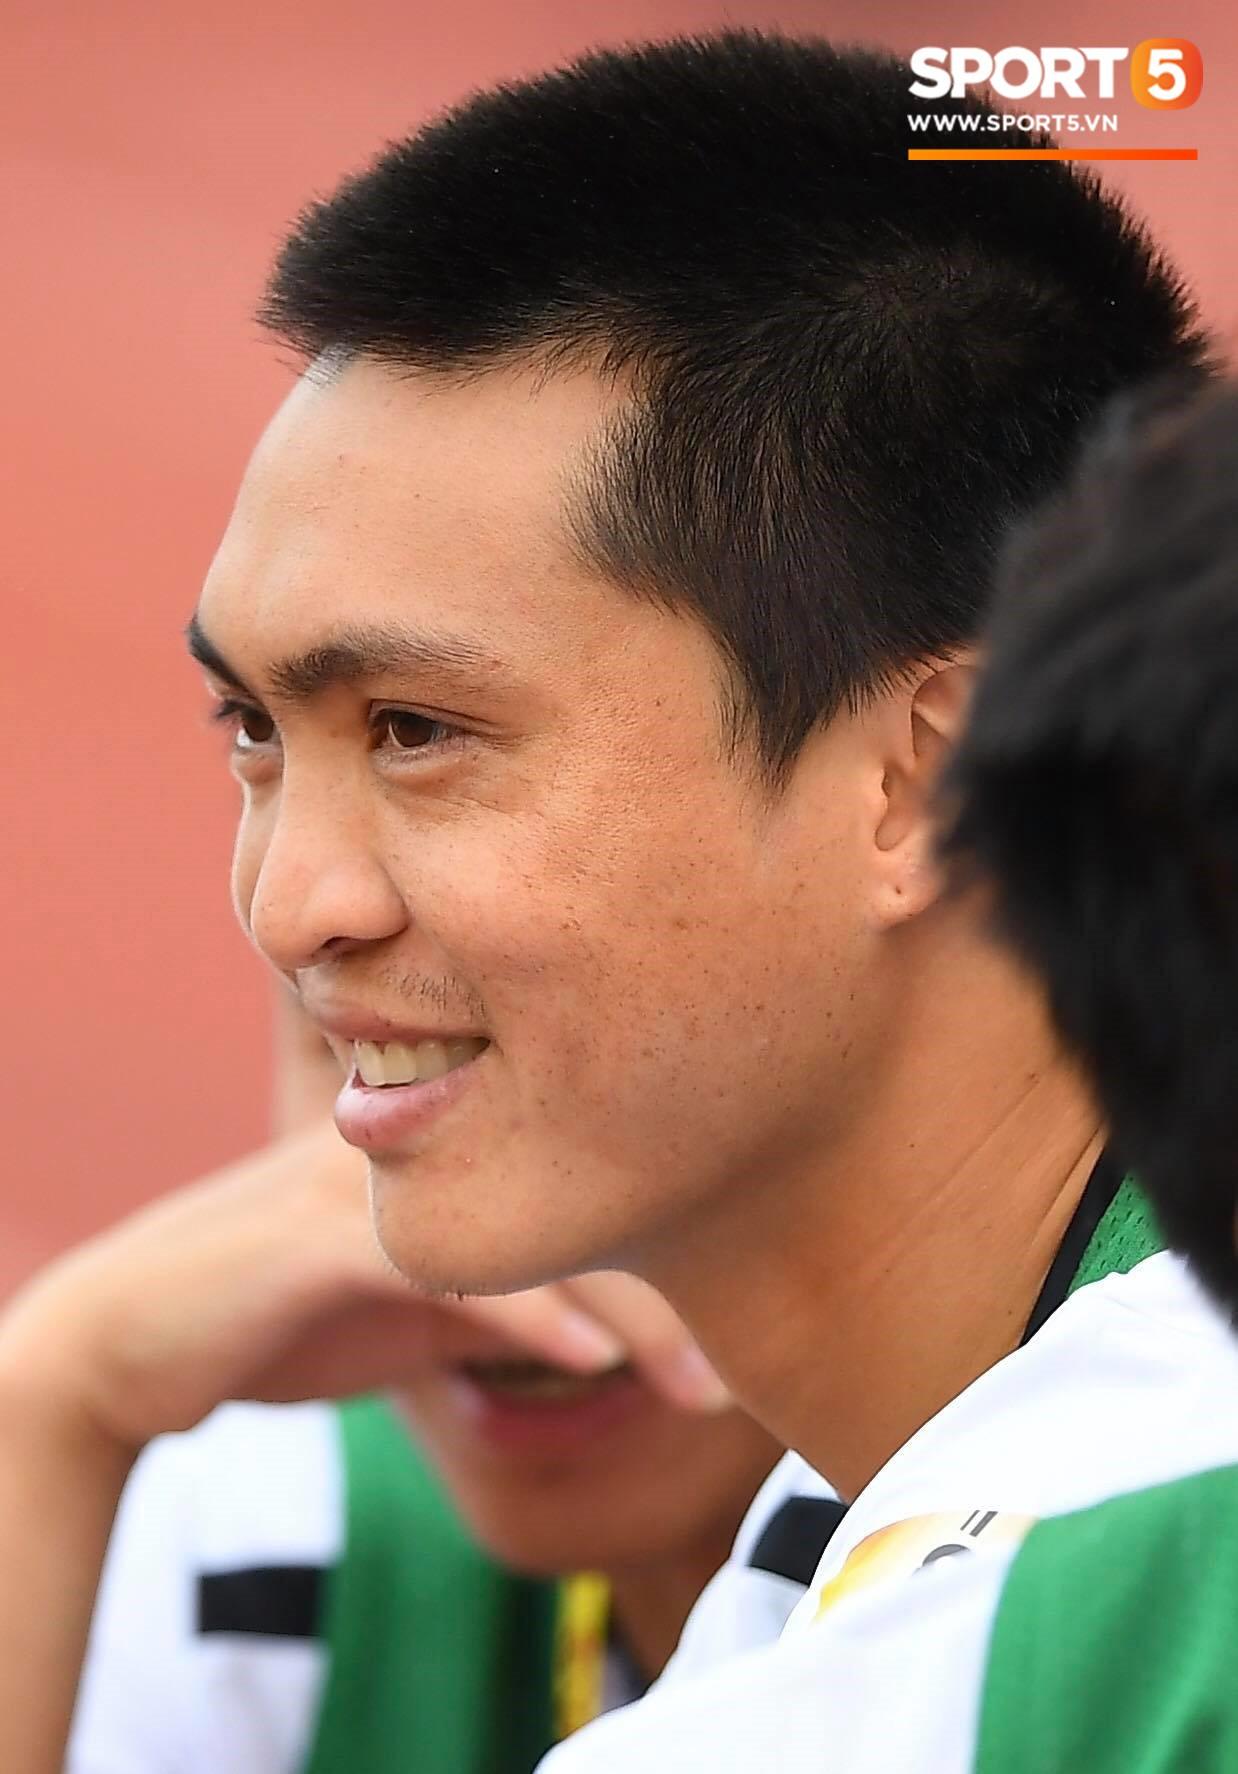 Nguyễn Tuấn Anh: Tuổi 24 hãy mạnh mẽ hơn nhé chàng trai - Ảnh 6.